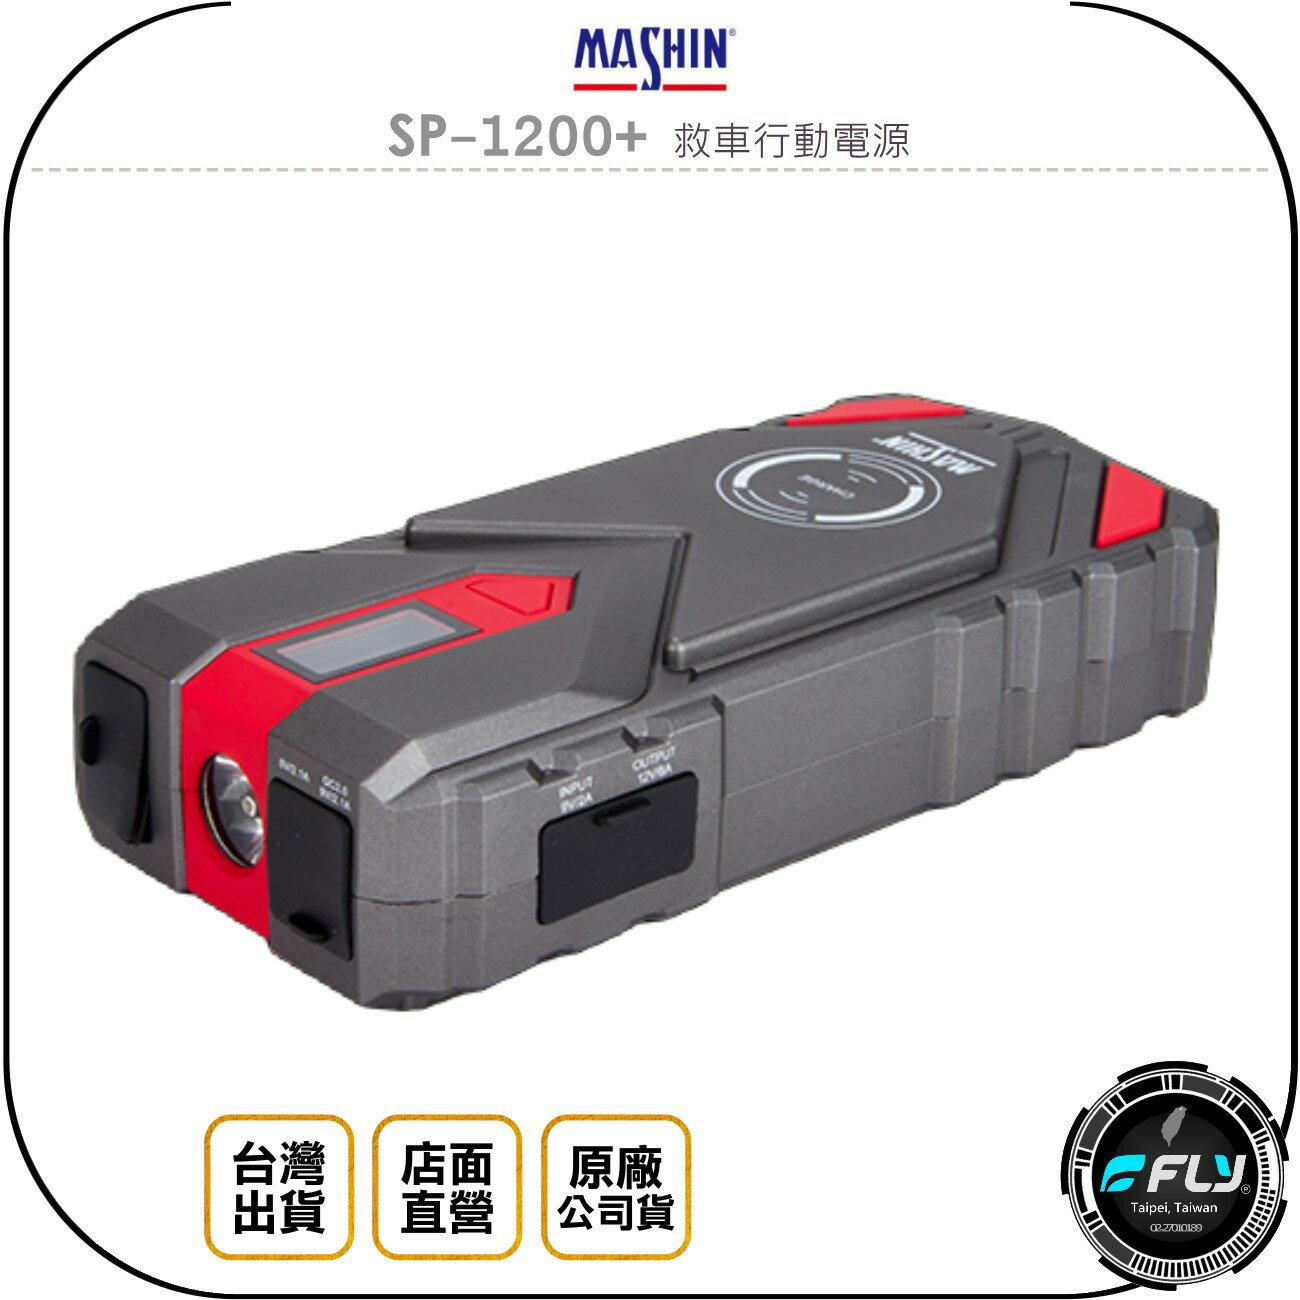 《飛翔無線3C》MASHIN 麻新電子 SP-1200+ 救車行動電源◉公司貨◉奈米石墨烯電池芯